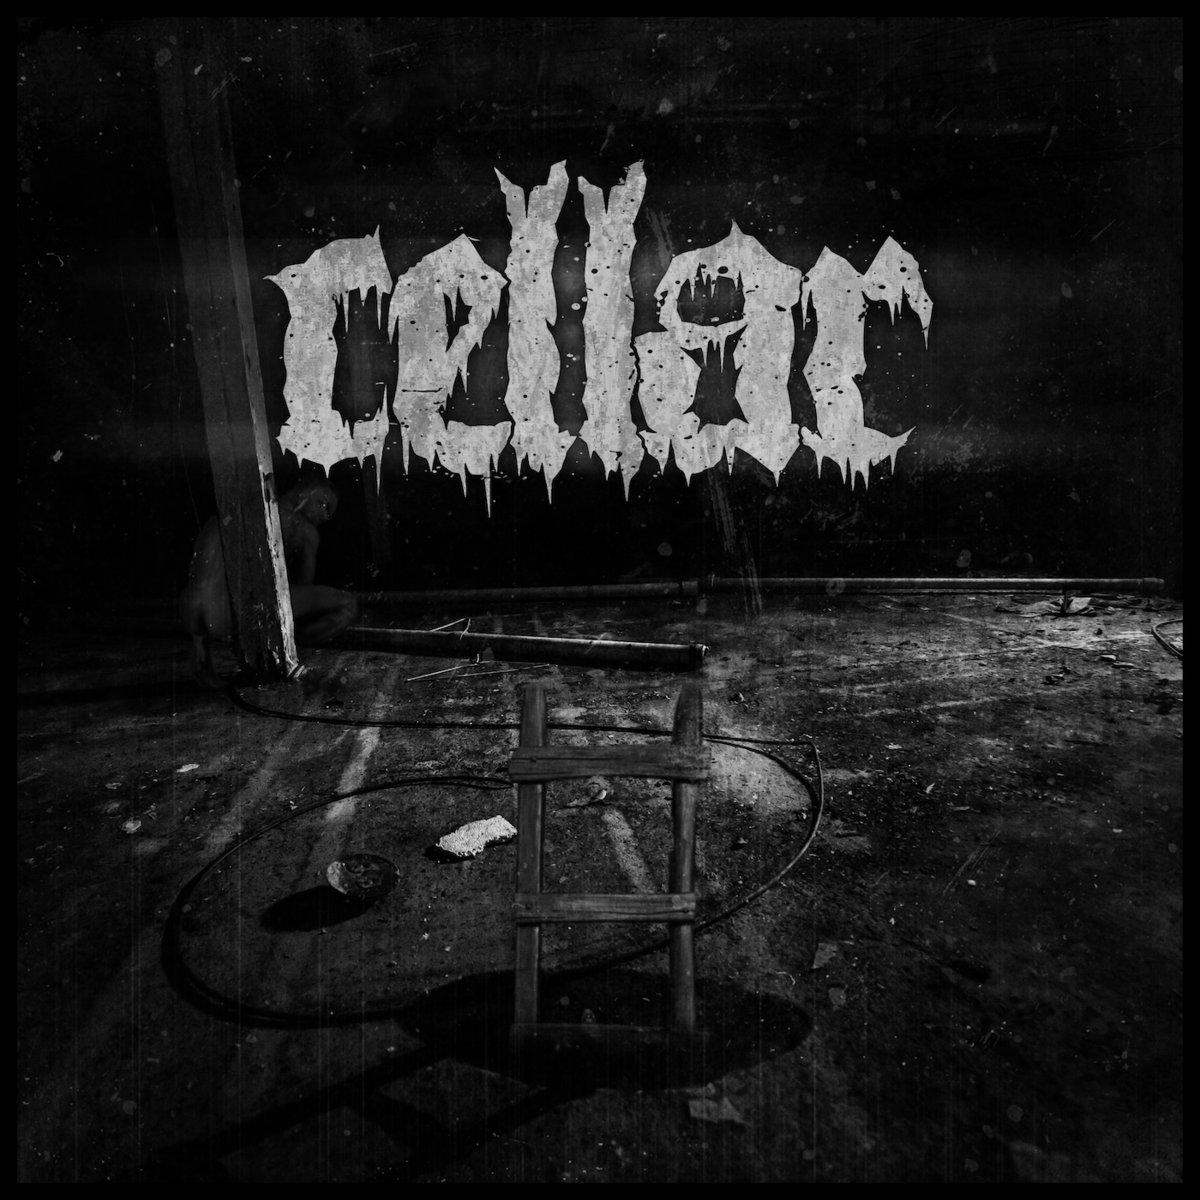 CELLAR - CELLAR [EP] (2017)